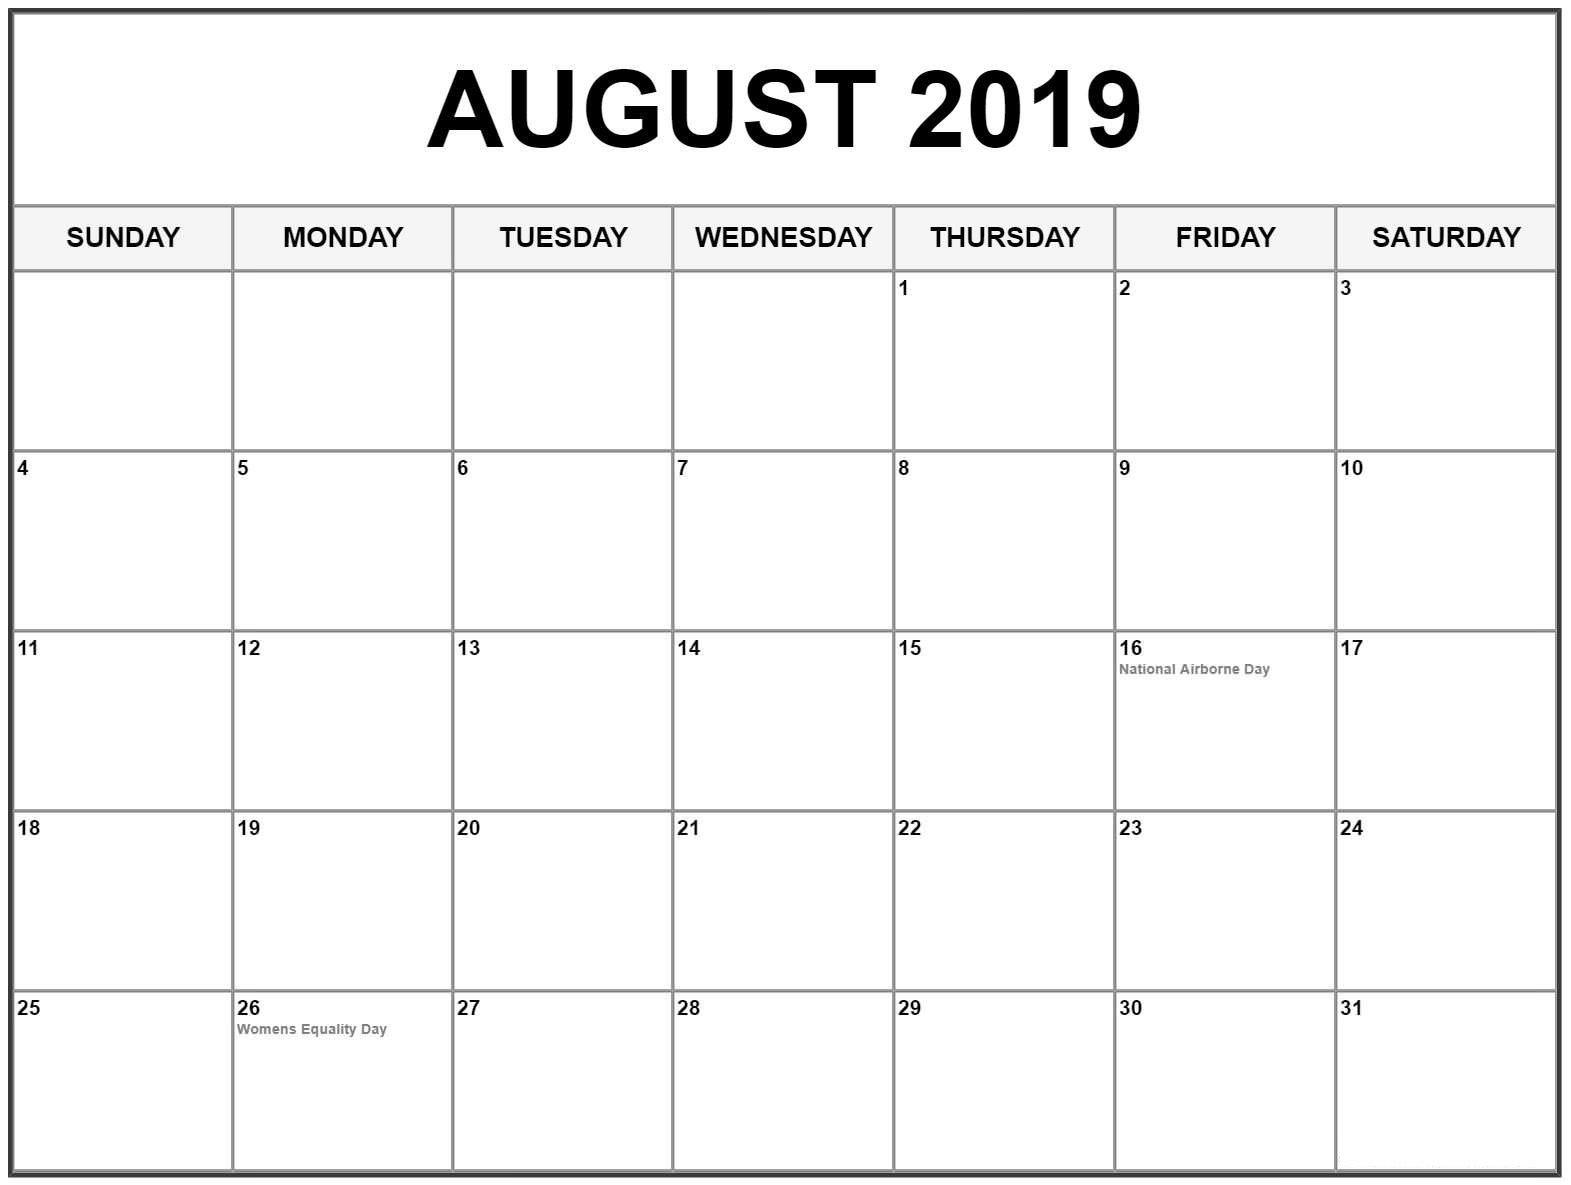 August 2019 Calendar With Holidays Usa, Canada | August 2019 Calendar 2019 August